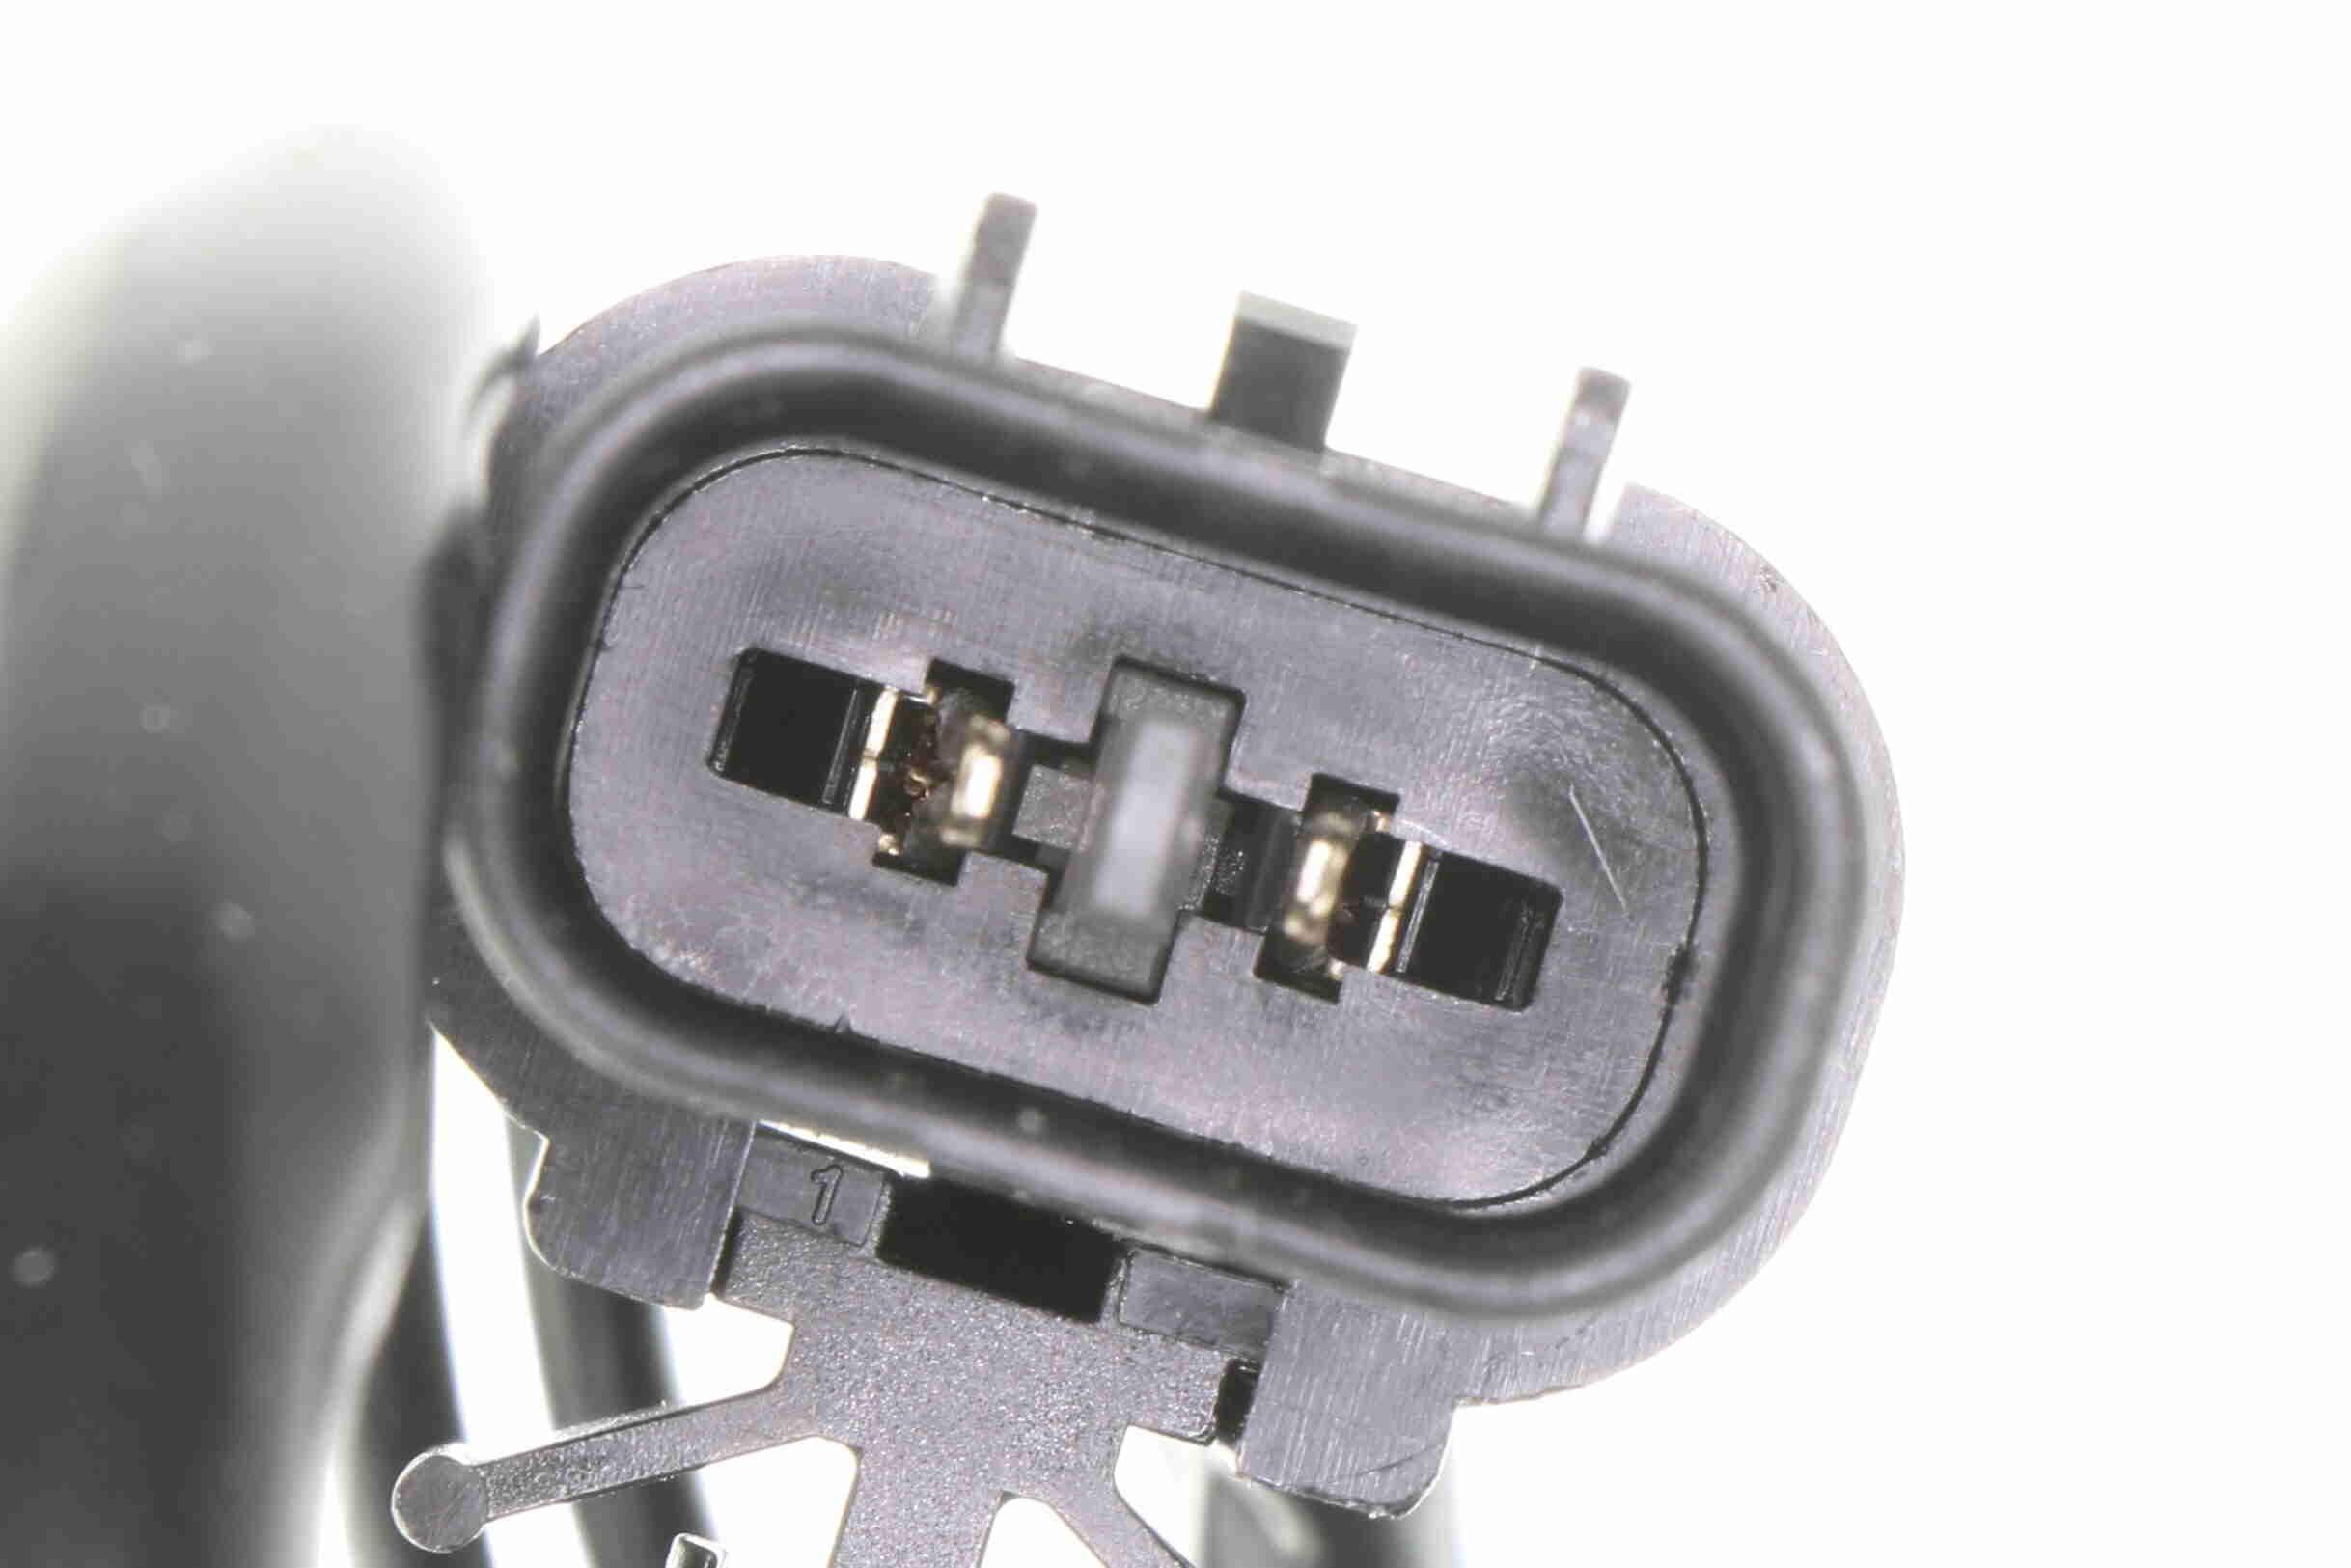 Switch, reverse light VEMO V37-73-0002 rating